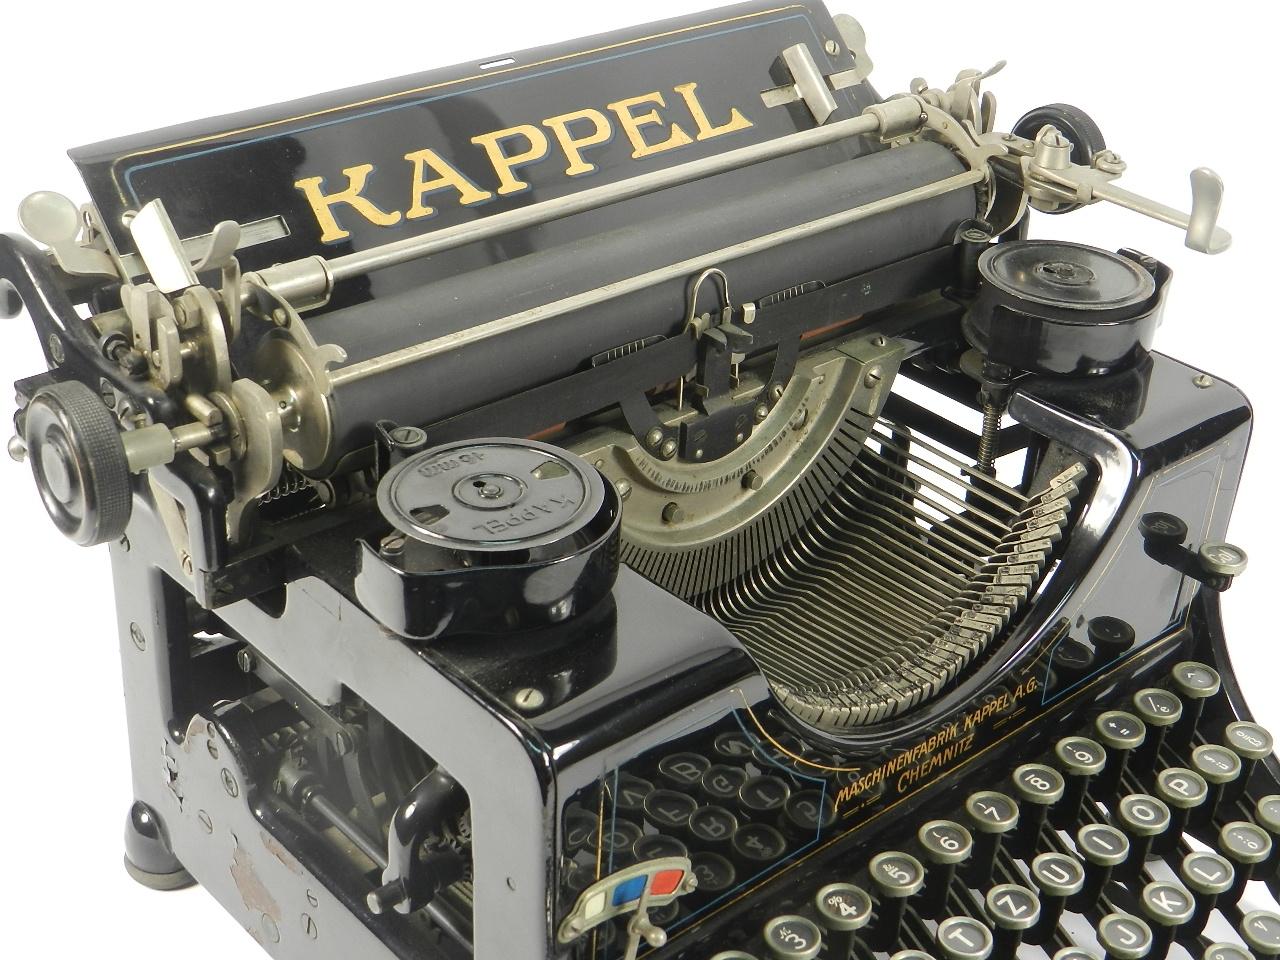 Imagen KAPPEL M2  AÑO 1923 37363